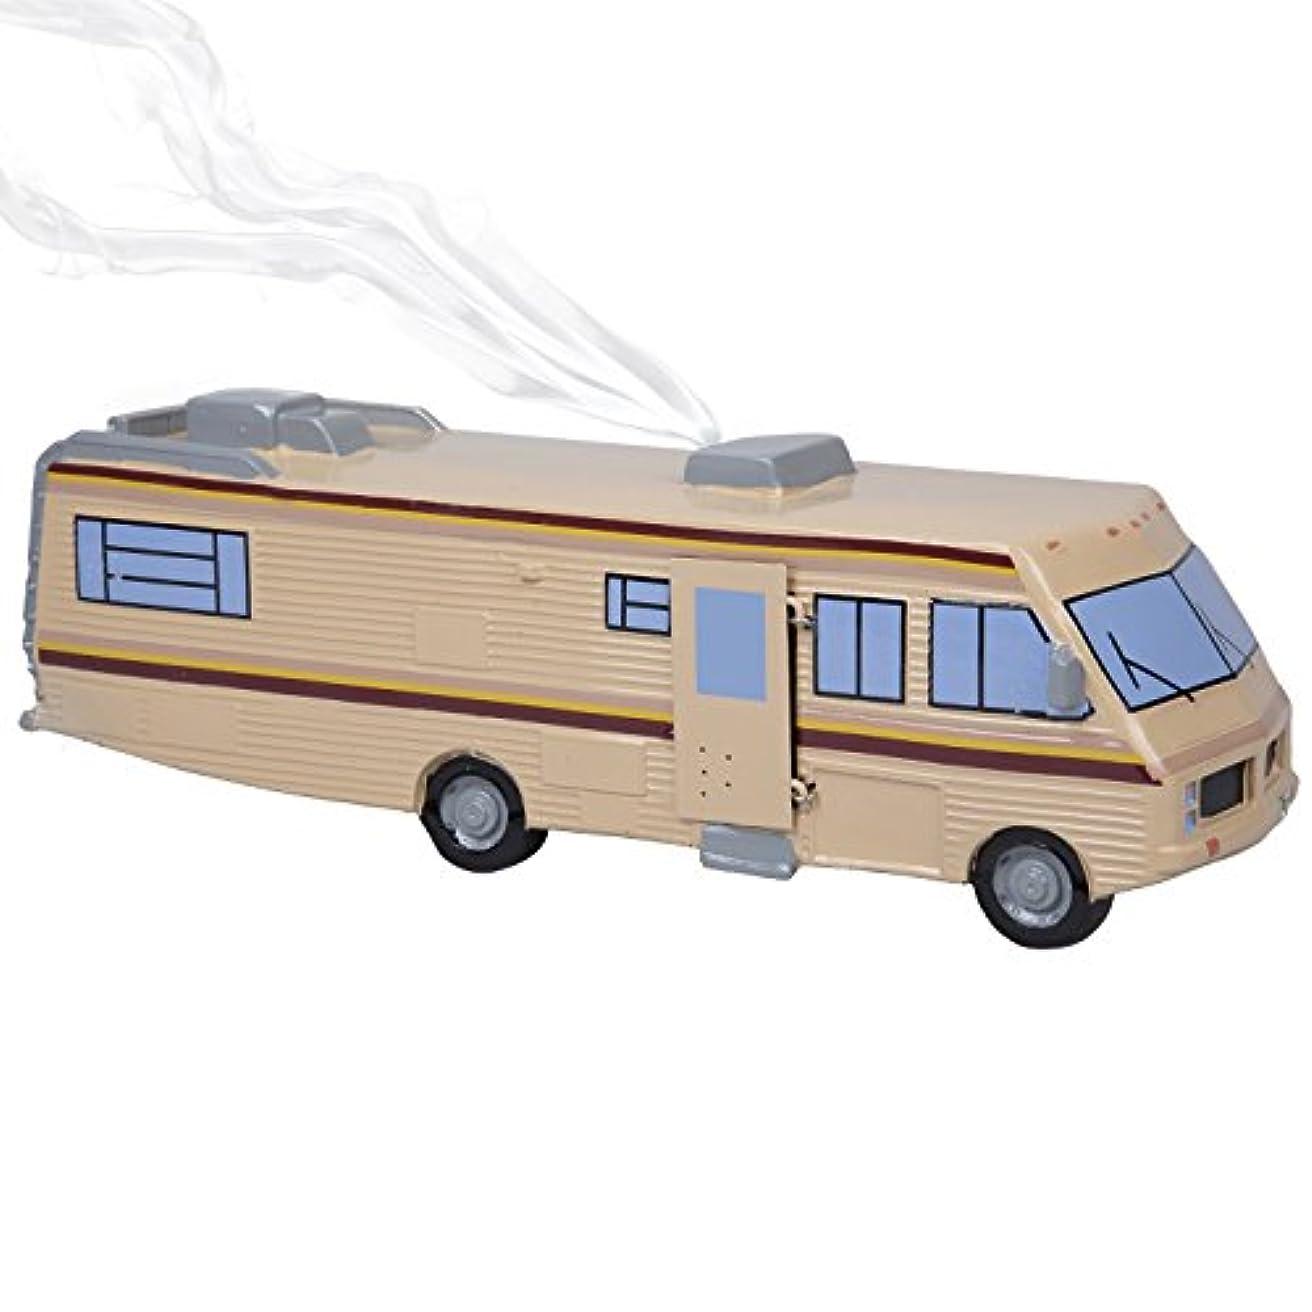 条件付きイルパパSCS Direct Breaking Bad Incense Burner – 1986 Fleetwood Bounder RVレプリカ – Burn Incense Conesまたはレンガ